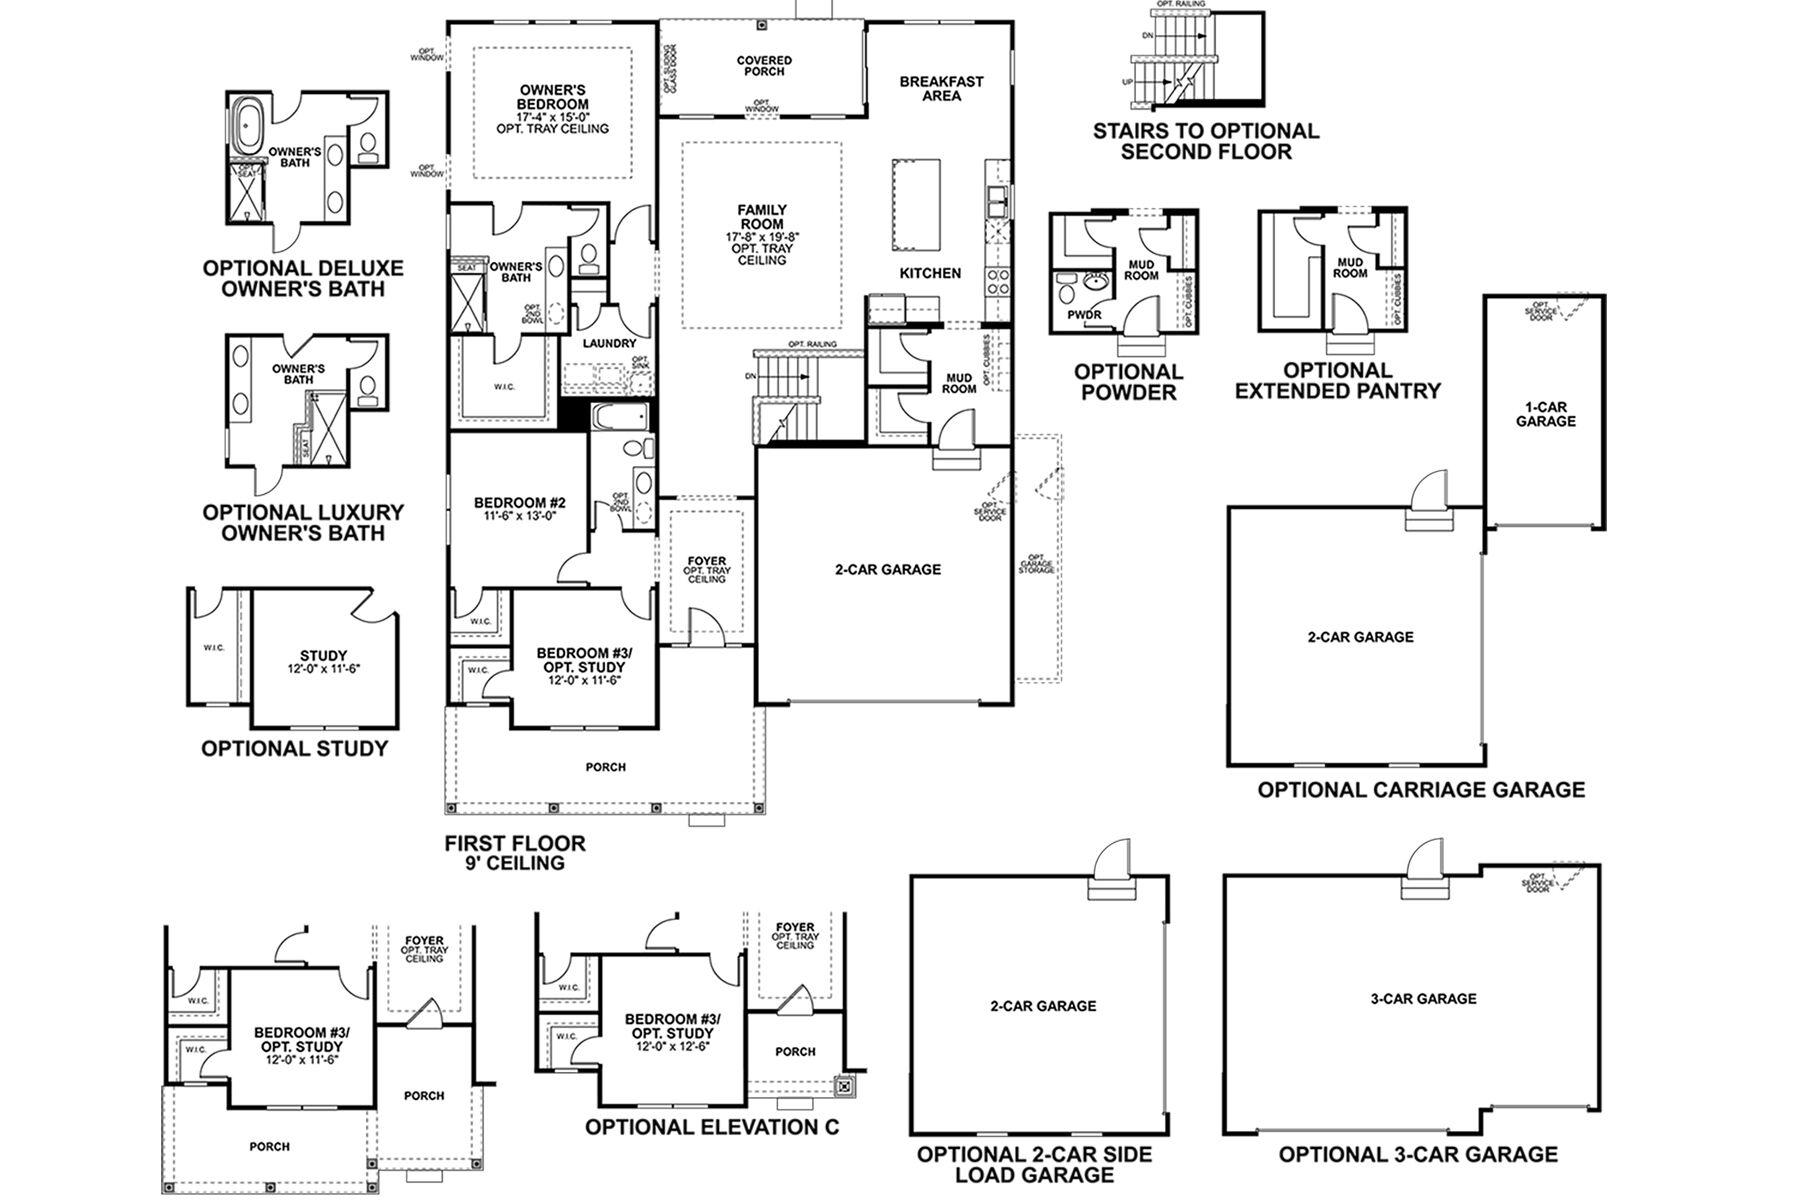 Hillsdale Floorplan